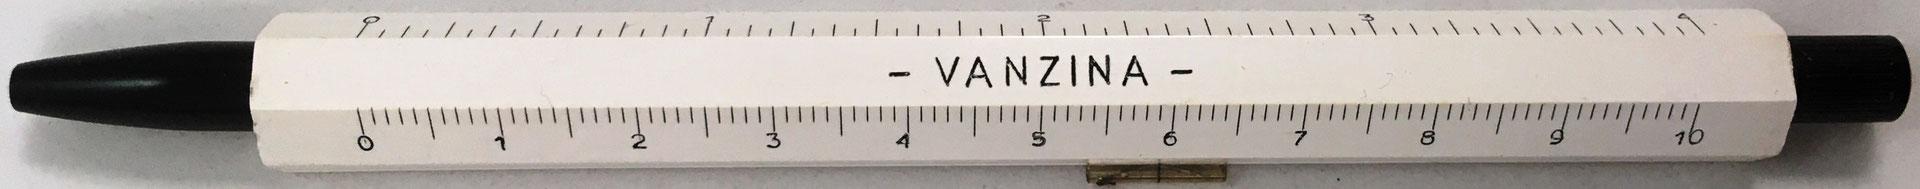 Trasera de la mini regla porta-lápiz MARCANTONI, el nombre VANZINA puede referirse a una marca publicitaria